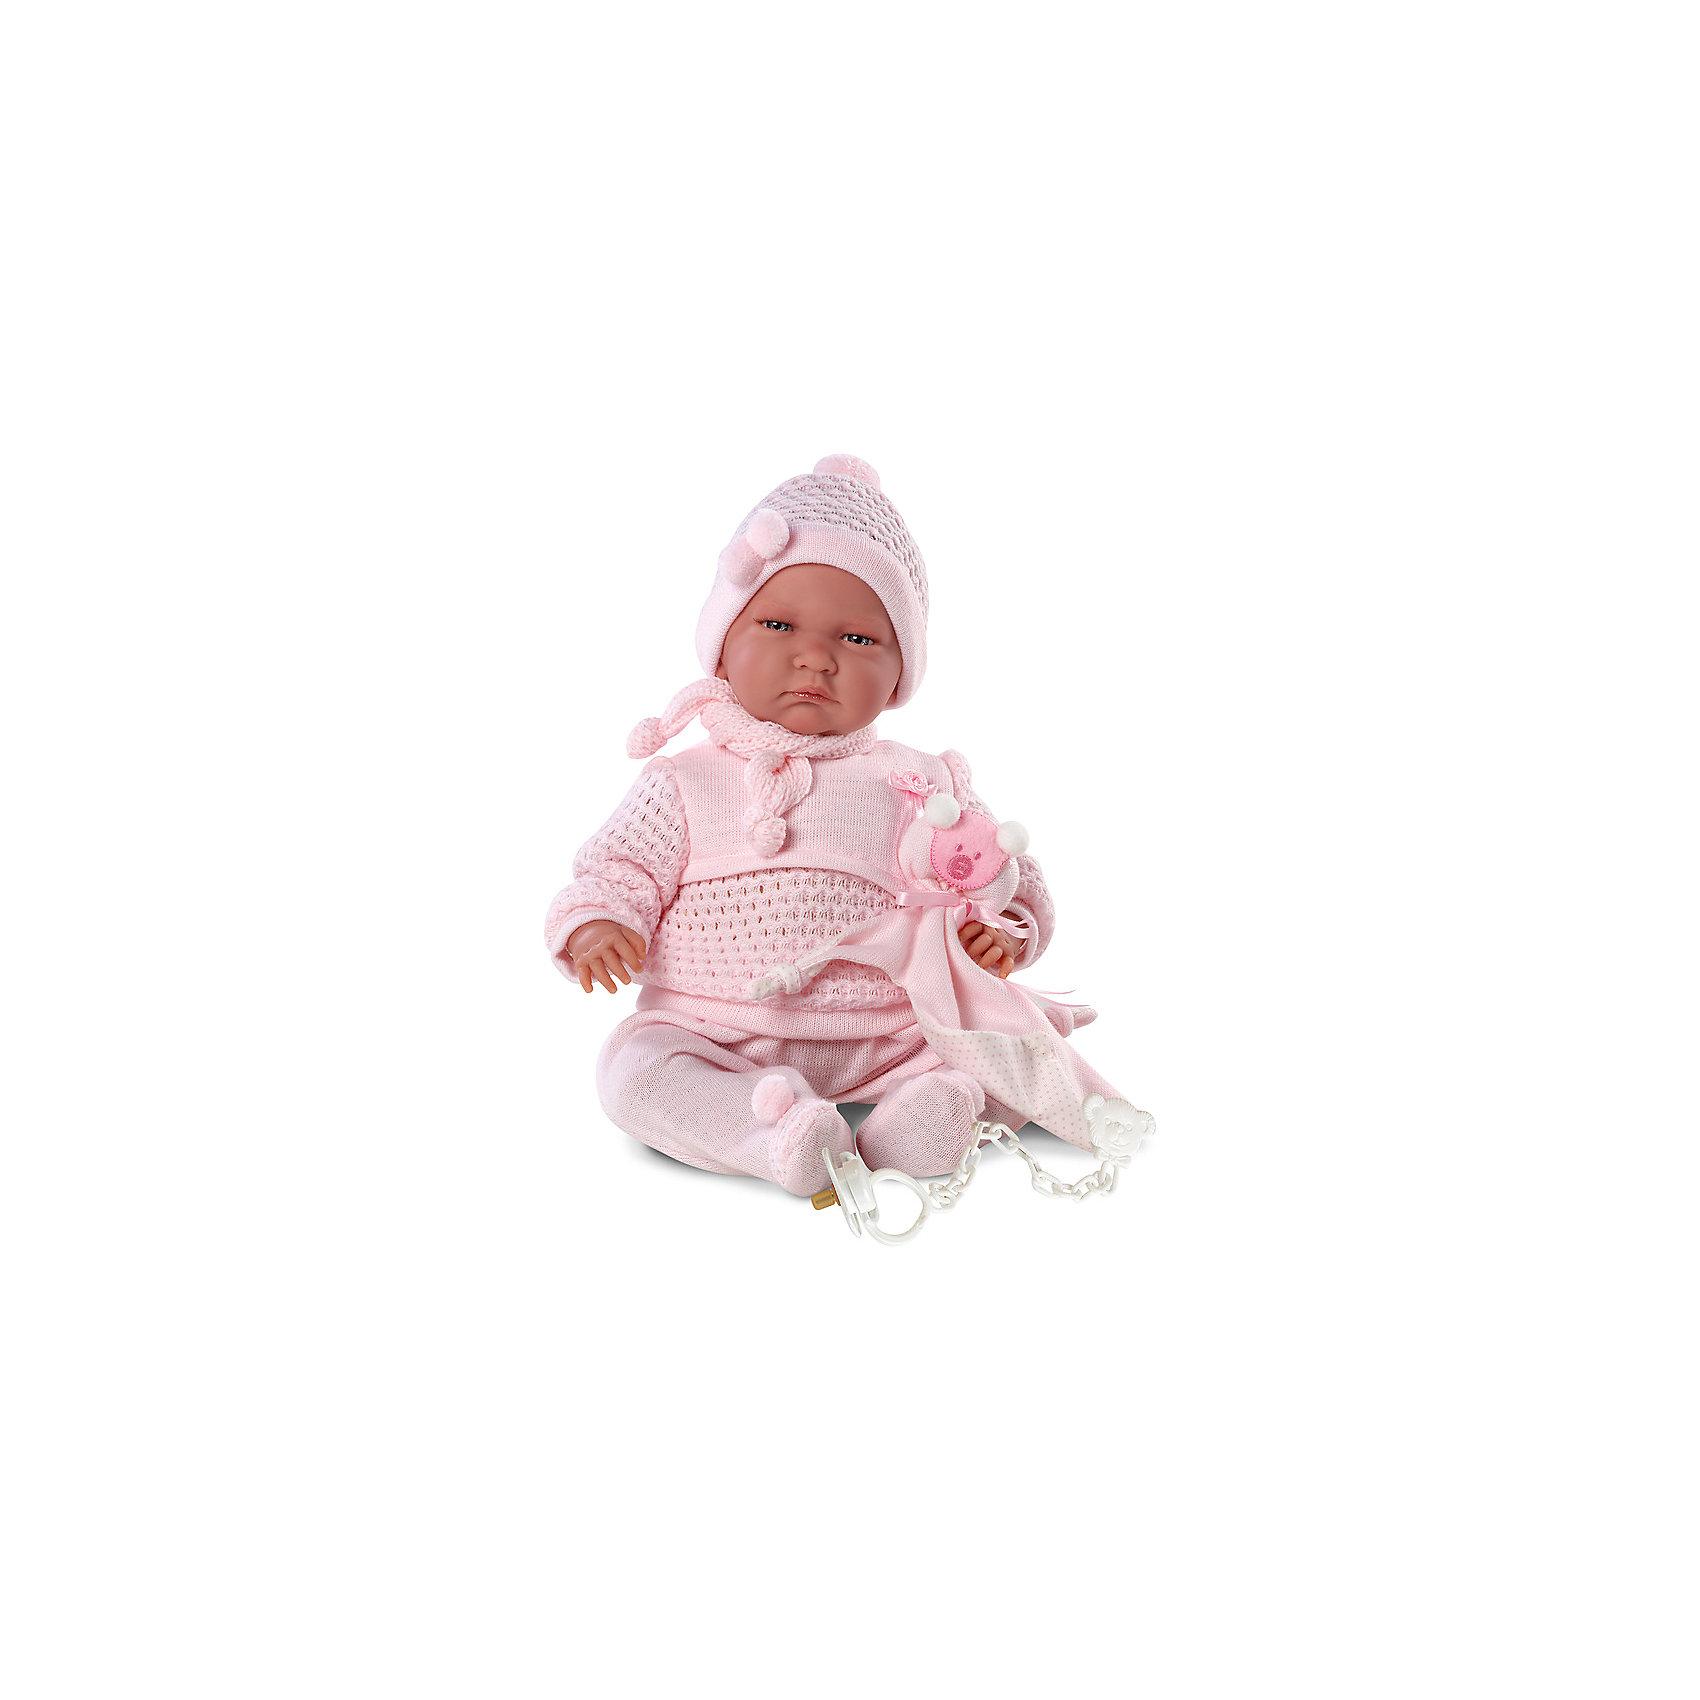 Кукла Лала, 40 см, LlorensКлассические куклы<br>Характеристики:<br><br>• Предназначение: для сюжетно-ролевых игр<br>• Тип куклы: мягконабивная<br>• Пол куклы: девочка <br>• Волосы: прорисованные<br>• Материал: поливинилхлорид, пластик, текстиль<br>• Цвет: розовый<br>• Высота куклы: 40 см<br>• Комплектация: кукла, кофточка, ползунки, шапочка, шарфик, соска с держателем<br>• Вес: 1 кг 330 г<br>• Звуковые эффекты: плачет, произносит мама и папа<br>• Батарейки: з шт. типа AG13/LR44 (предусмотрены в комплекте)<br>• Размеры упаковки (Д*В*Ш): 23*46*13 см<br>• Упаковка: подарочная картонная коробка <br>• Особенности ухода: допускается деликатная стирка без использования красящих и отбеливающих средств предметов одежды куклы<br><br>Кукла Лала 40 см – пупс, производителем которого является всемирно известный испанский кукольный бренд Llorens. Куклы этой торговой марки имеют свою неповторимую внешность и целую линейку образов как пупсов, так и кукол-малышей. Игрушки выполнены из сочетания поливинилхлорида и пластика, что позволяет с высокой долей достоверности воссоздать физиологические и мимические особенности маленьких детей. При изготовлении кукол Llorens используются только сертифицированные материалы, безопасные и не вызывающие аллергических реакций. Волосы у кукол-пупсов прорисованные; ручки и ножки двигаются.<br>Кукла Лала 40 см выполнена в образе малышки: голубые глазки и пухлые щечки создают невероятно очаровательный и милый образ. В комплект одежды входит розовый костюмчик, состоящий из кофточки с длинными рукавами и ползунков. Дополняют образ шапочка и шарфик. В наборе имеется текстильный аксессуар с аппликацией в виде мишки. Кукла умеет плакать, а также говорить мама и папа.<br>Кукла Лала 40 см – это идеальный вариант для подарка к различным праздникам и торжествам.<br><br>Куклу Лалу 40 см можно купить в нашем интернет-магазине.<br><br>Ширина мм: 23<br>Глубина мм: 46<br>Высота мм: 13<br>Вес г: 1330<br>Возраст от месяцев: 36<br>Возраст до месяцев: 84<br>Пол: Женский